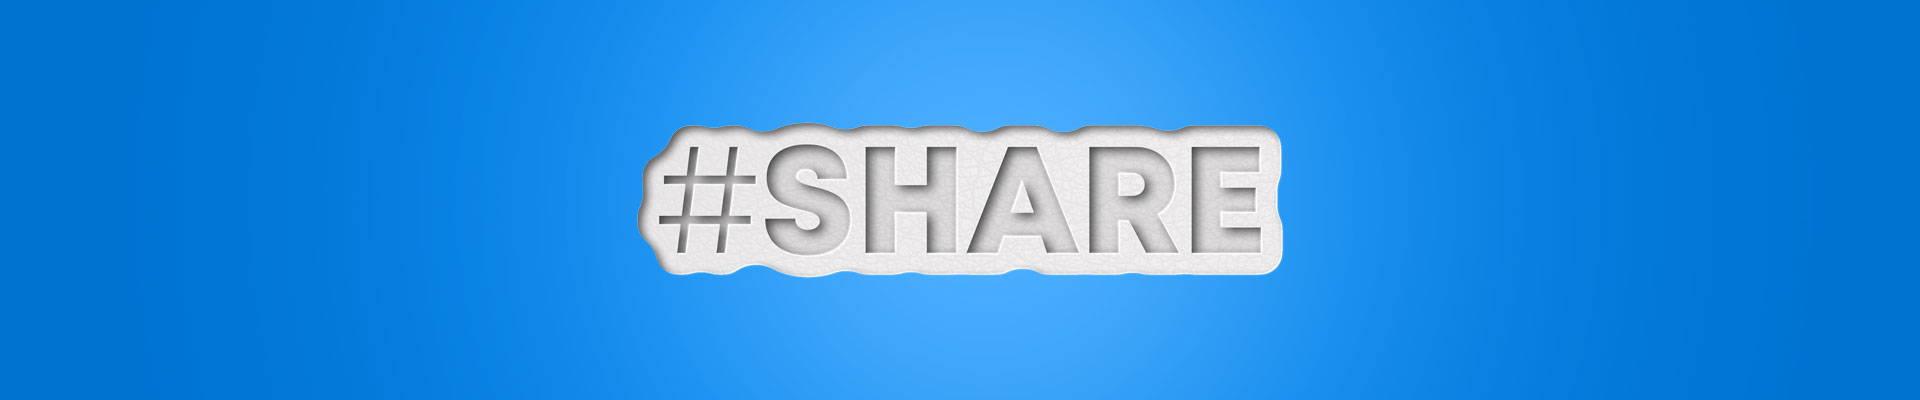 Share 3d text